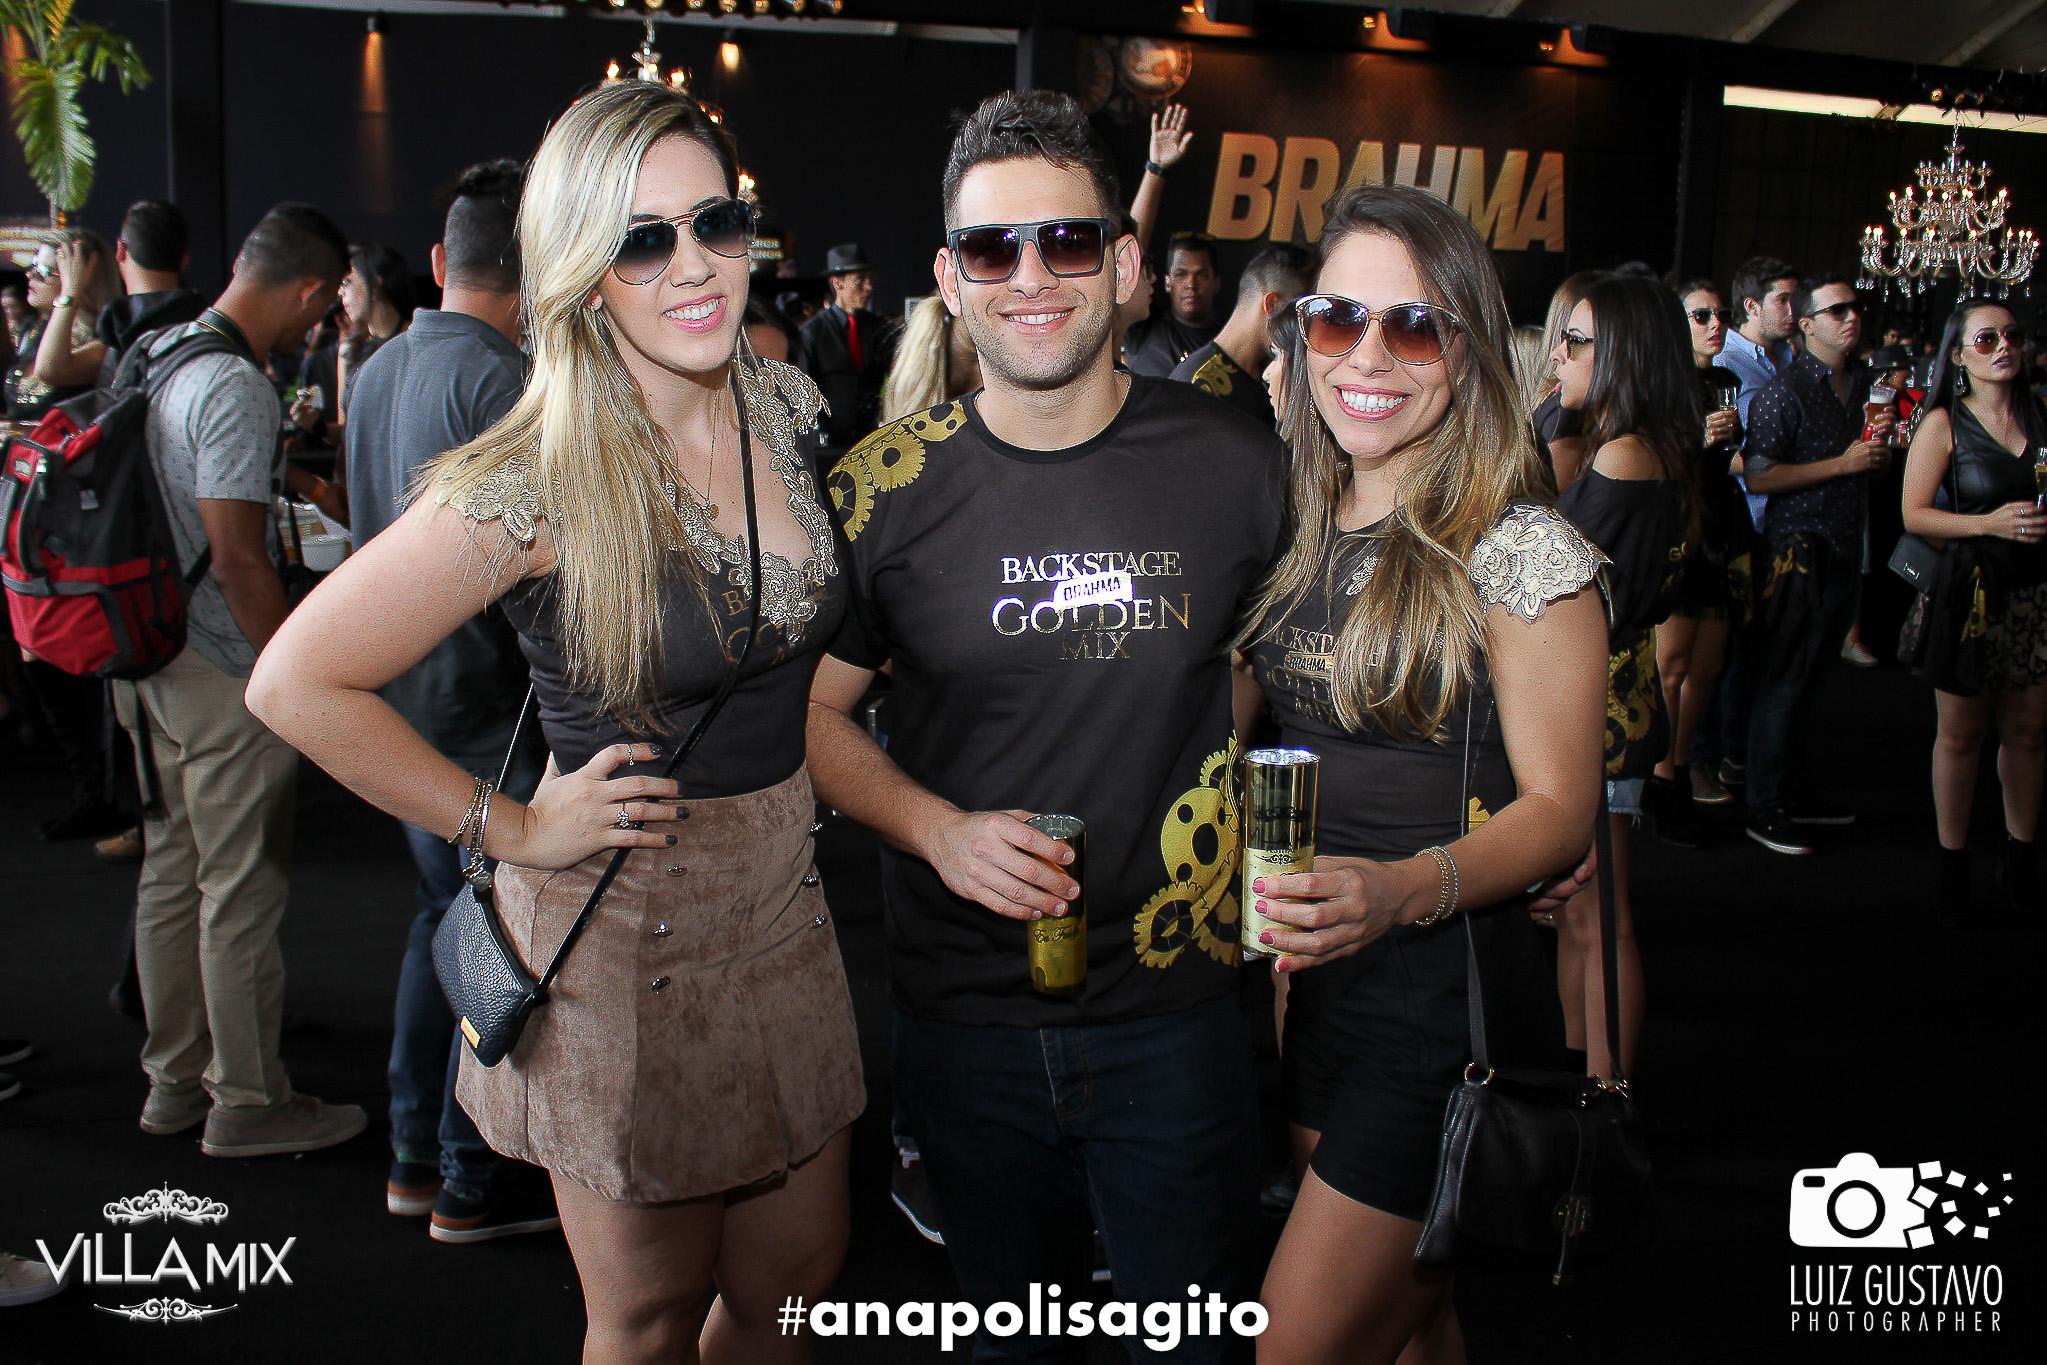 Luiz Gustavo Photographer (30 de 327)